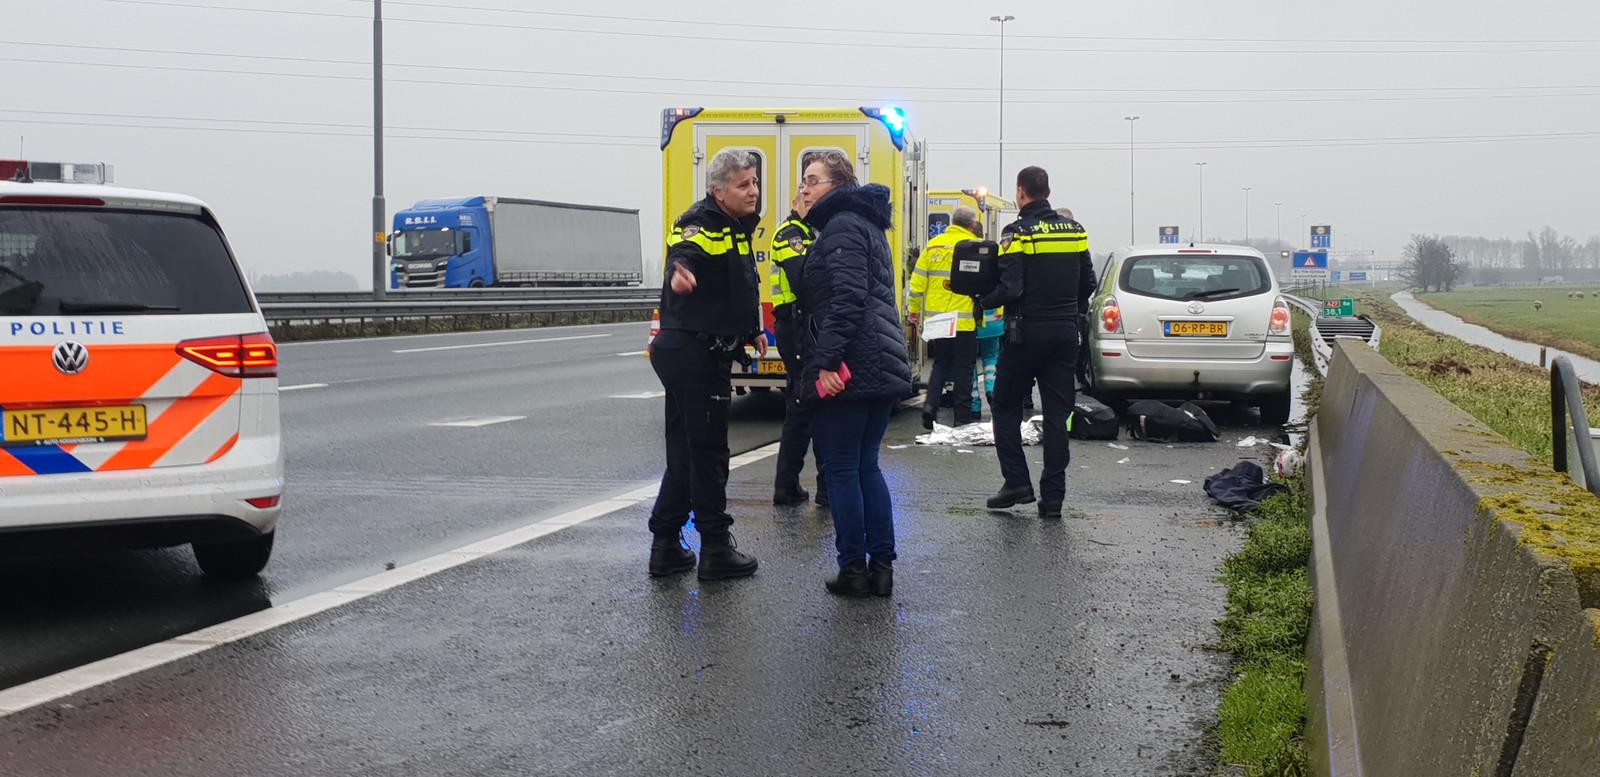 Na de 112-melding schoten politie en ambulance te hulp op de A27.